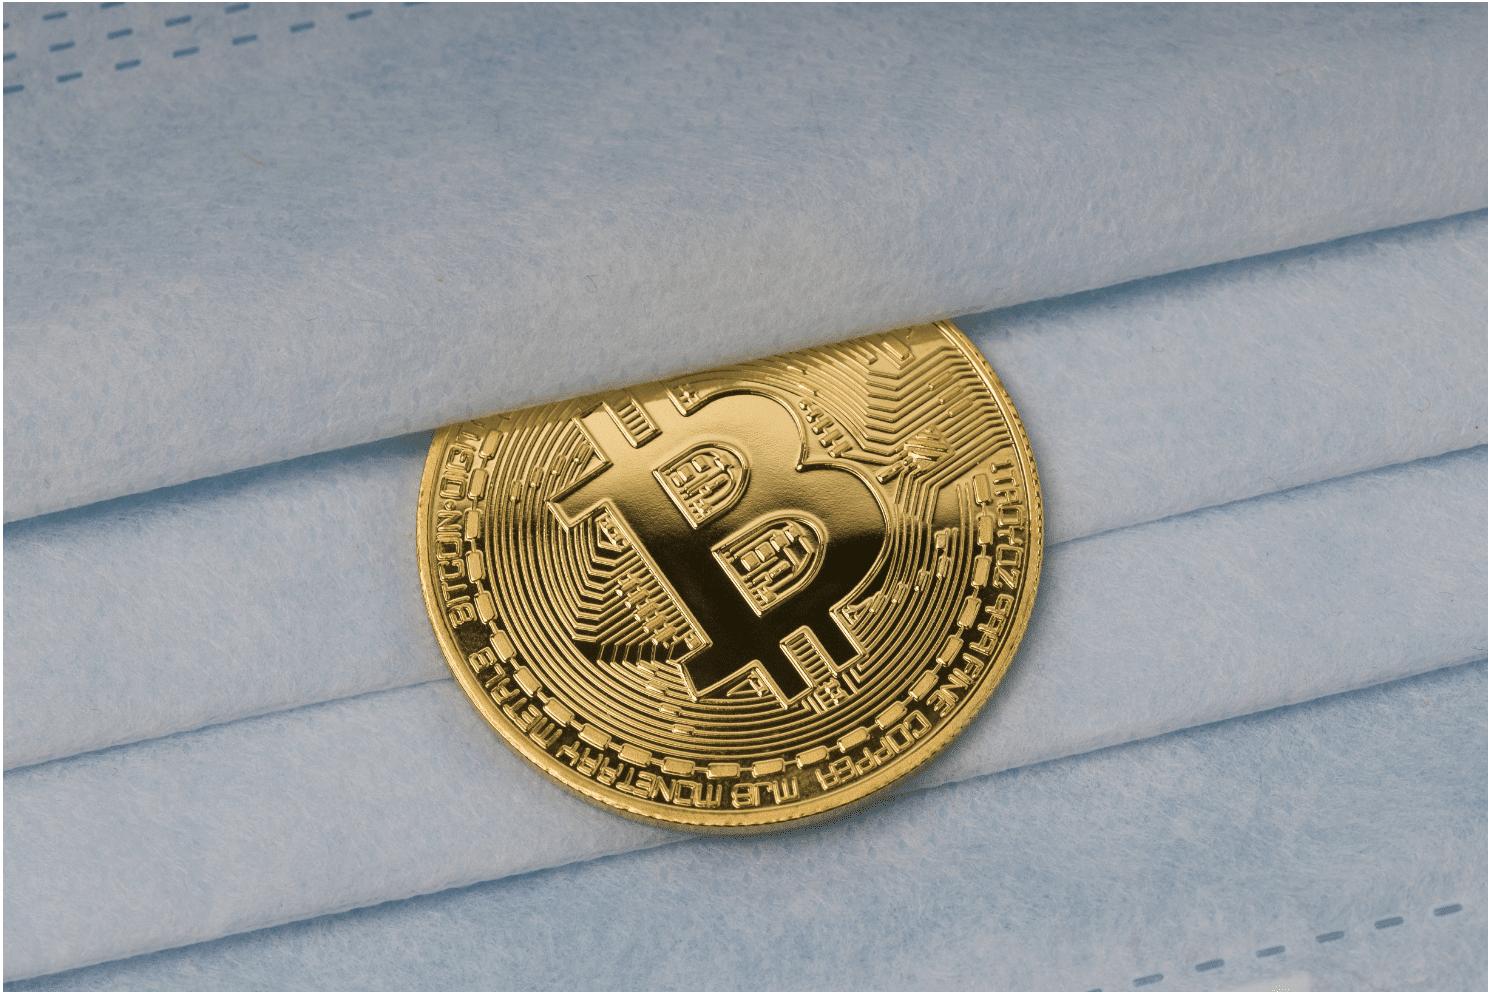 البيتكوين العملة الرقمية مخزنا حقيقيا 2213060688.png